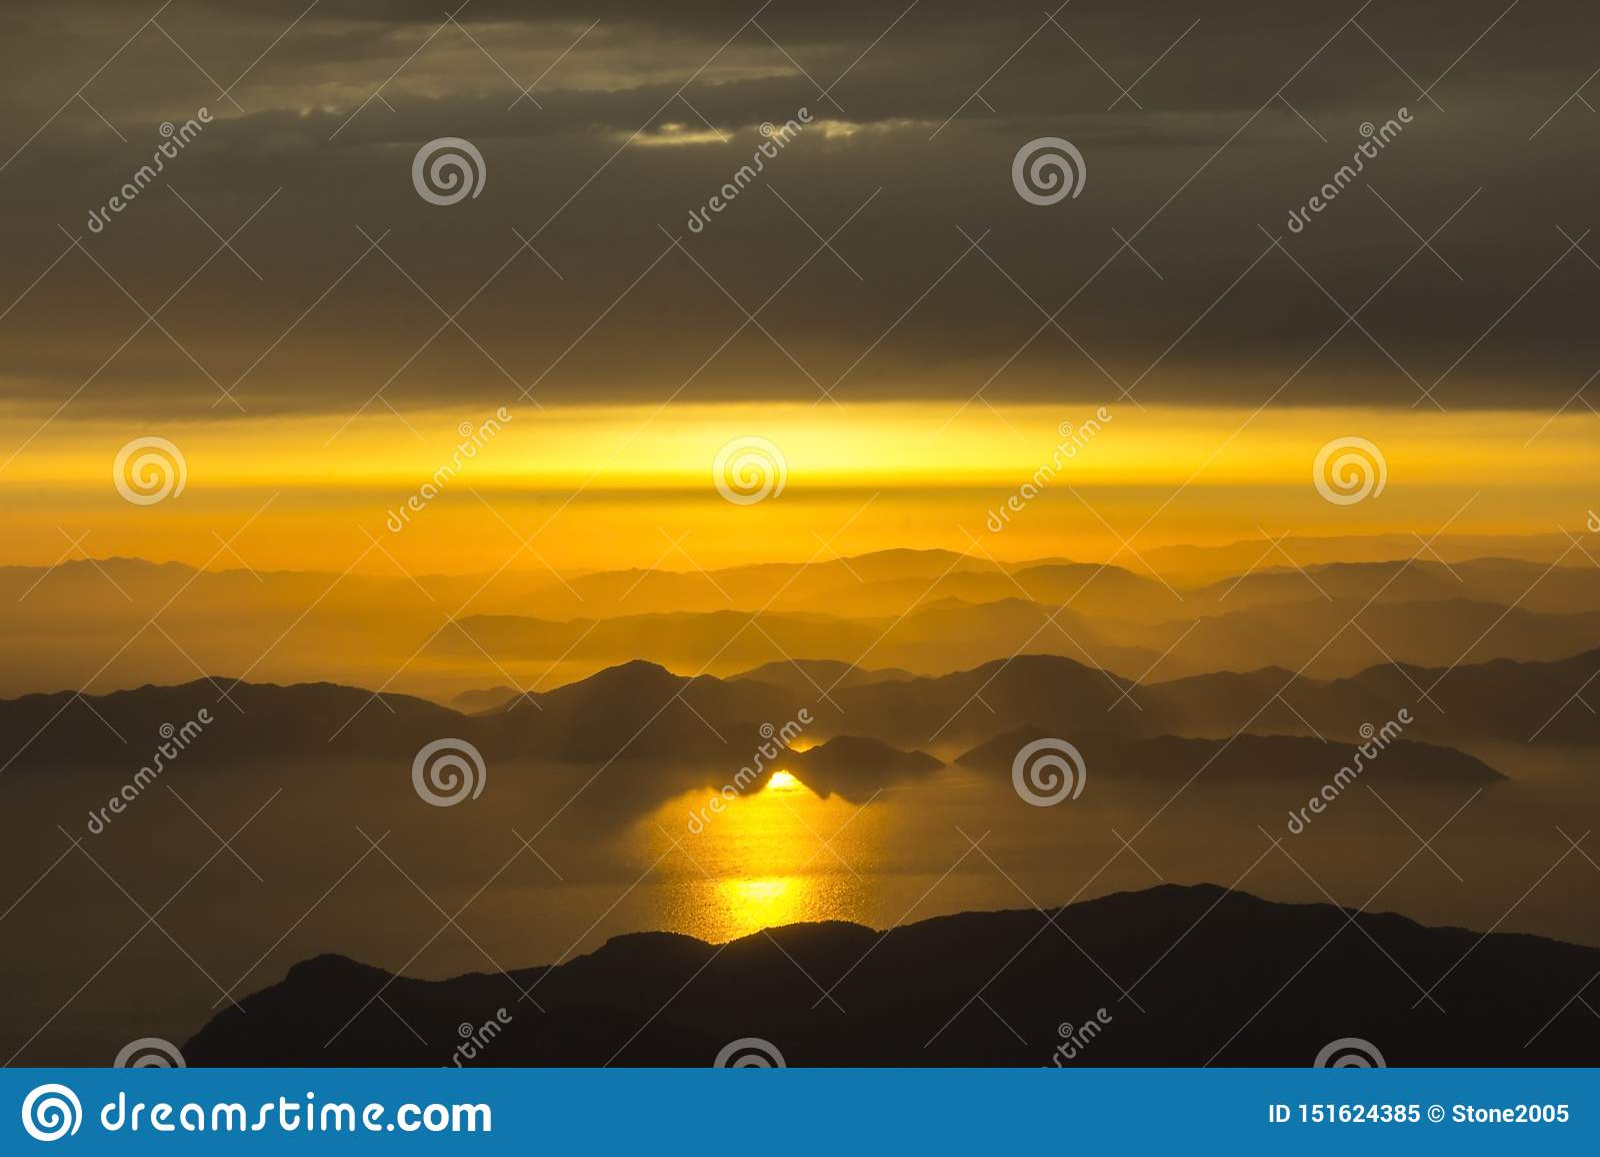 Góry i morze, zmierzch, niebo w pastelowych kolorach, lekka mgiełka, plama